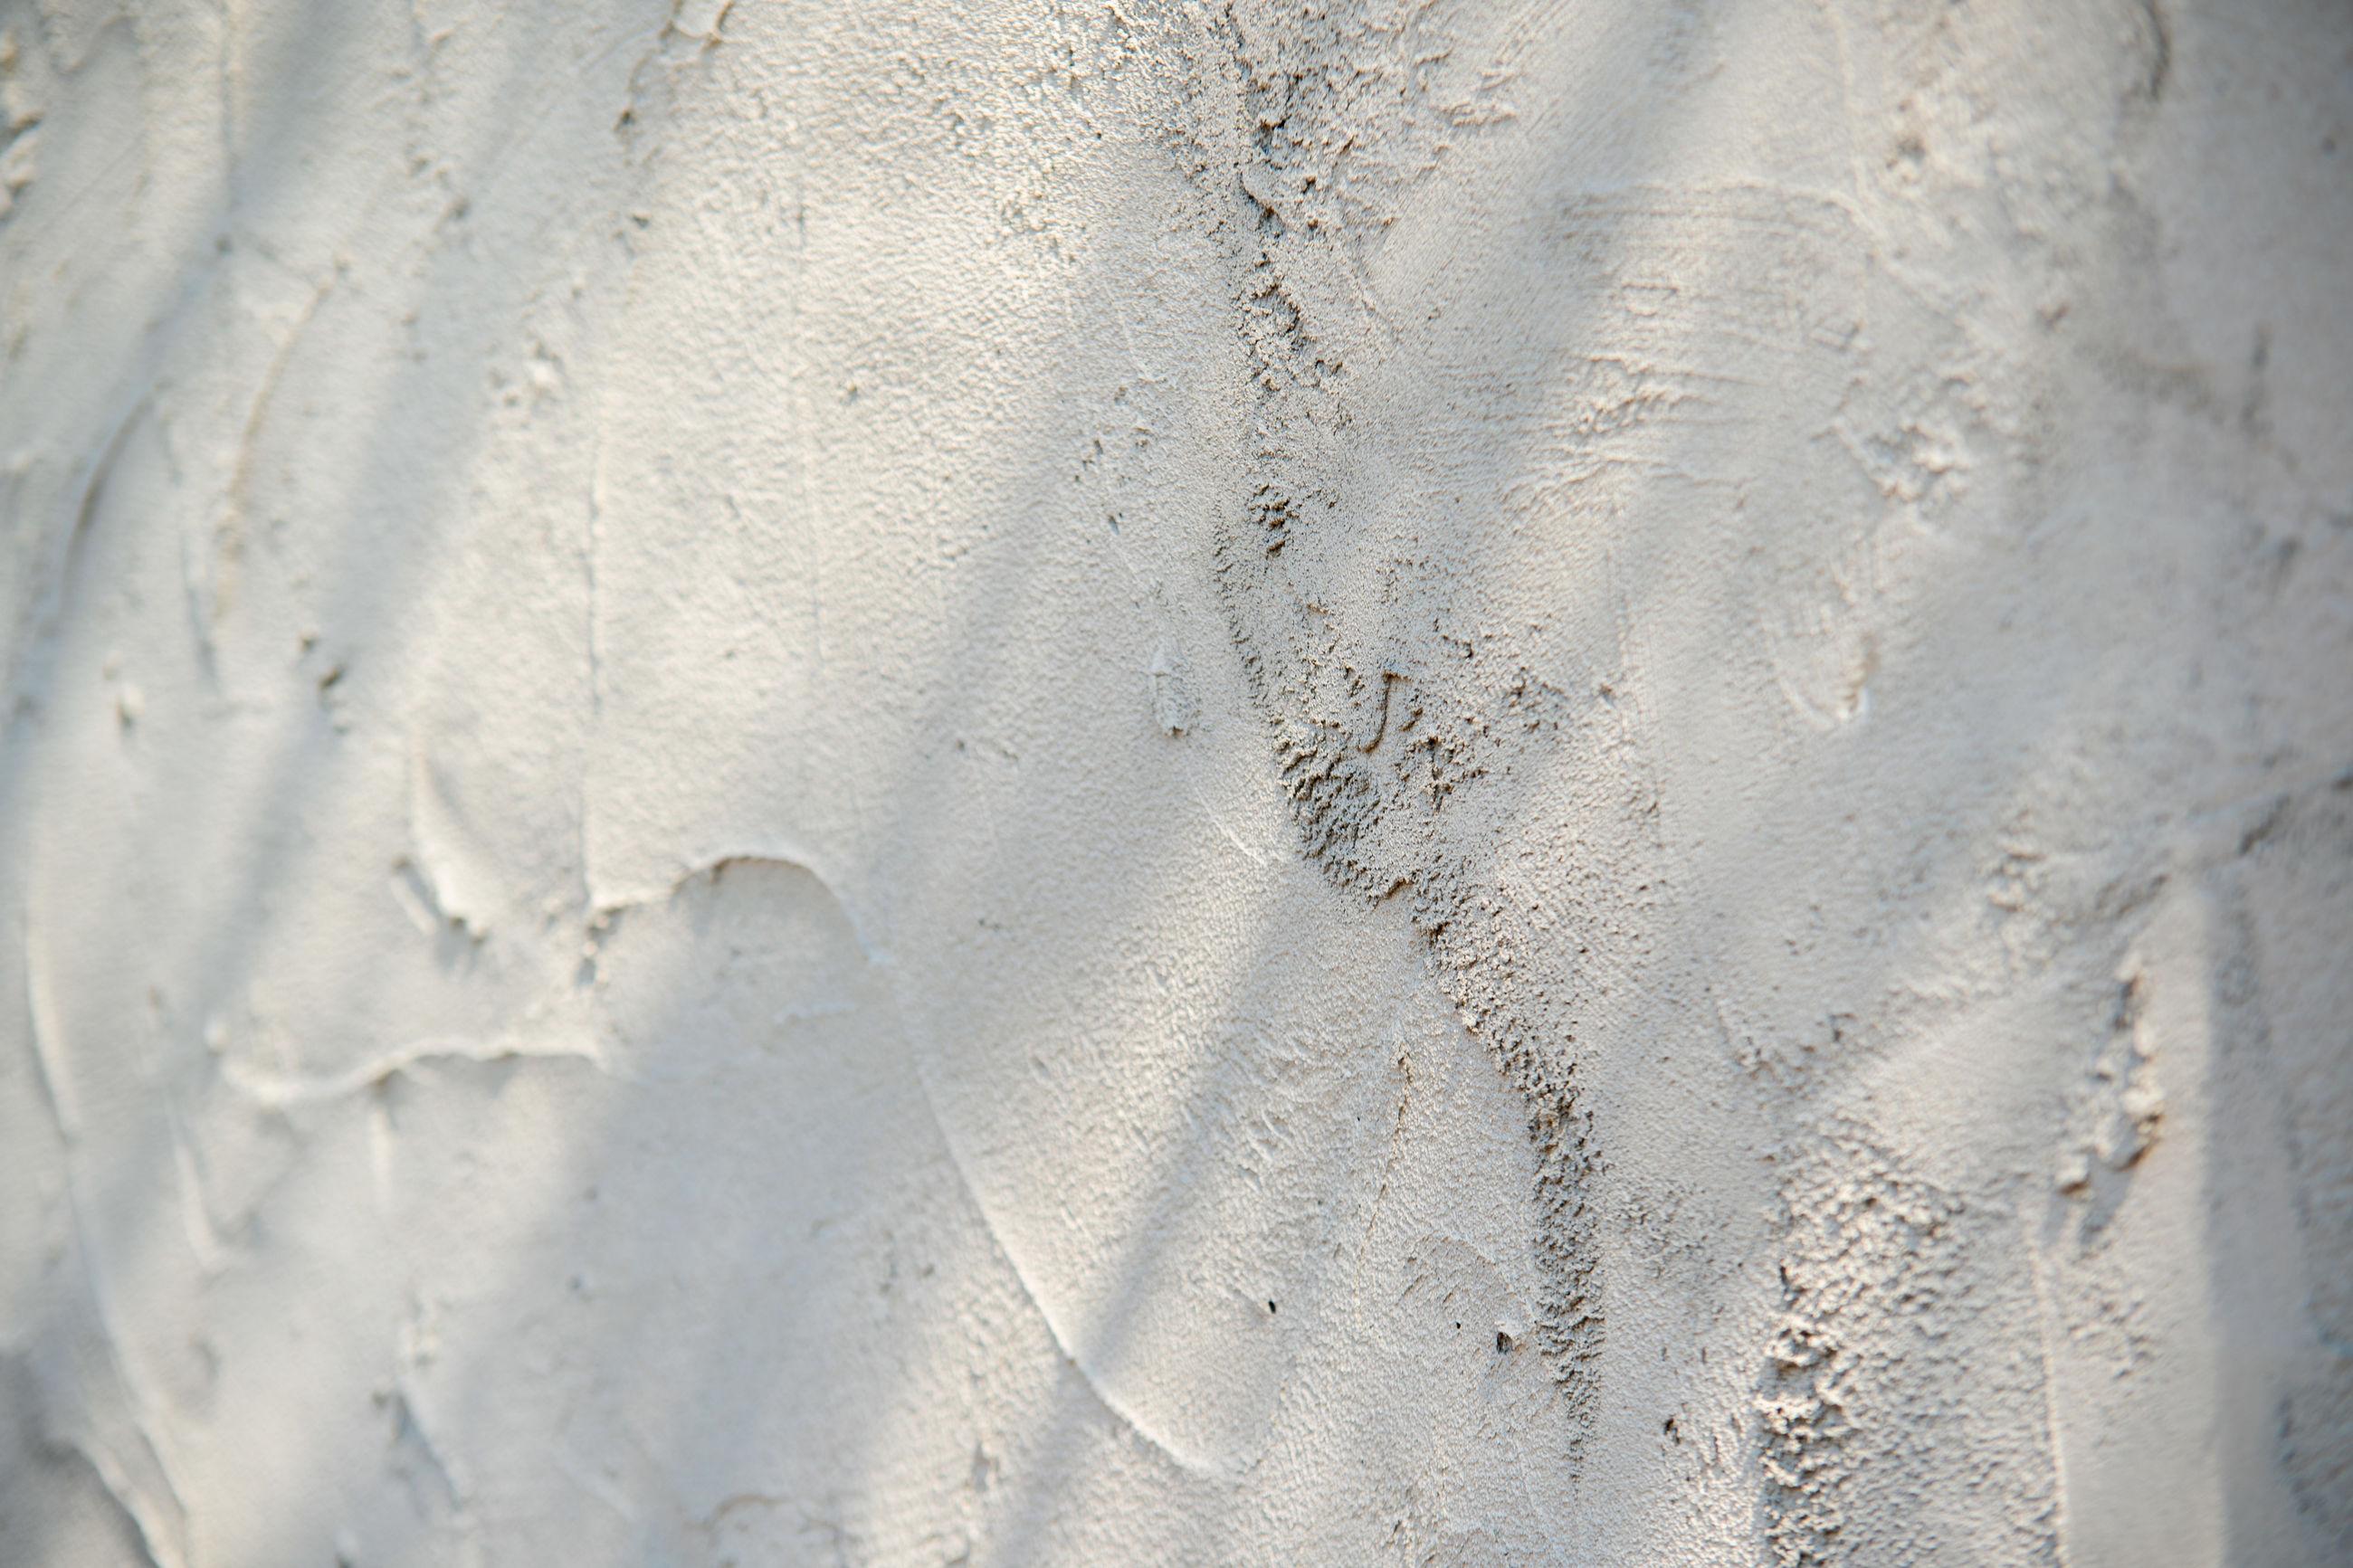 FULL FRAME SHOT OF SAND ON SNOW